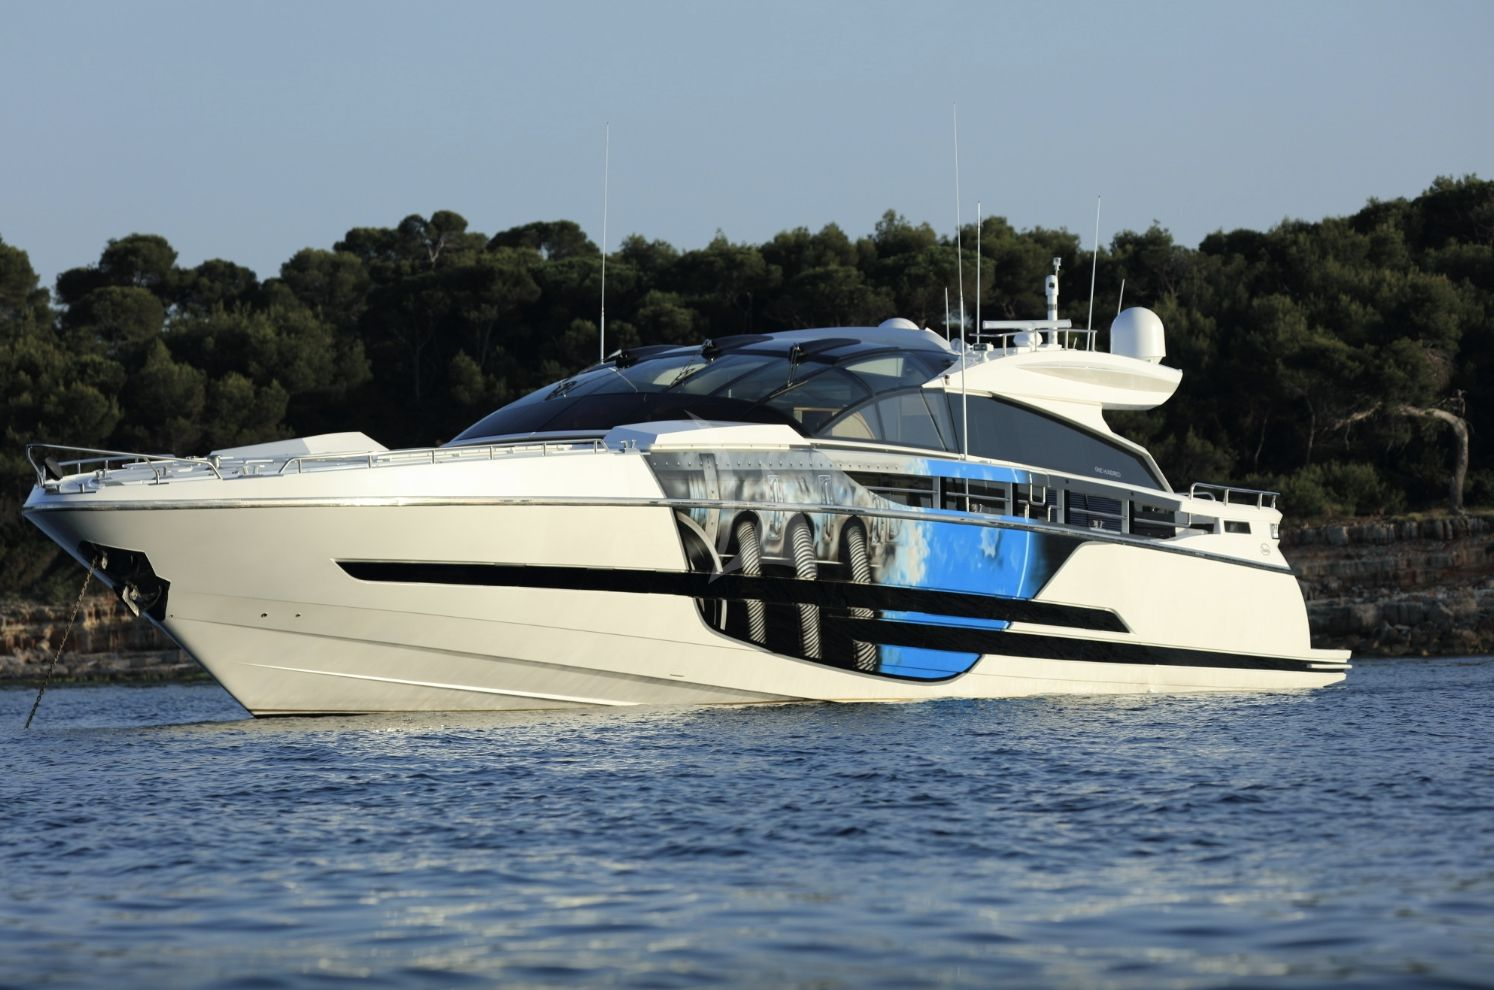 ASTRO - Baia 31m - 4 Cabins - Antibes - Cannes - Monaco - St Tropez